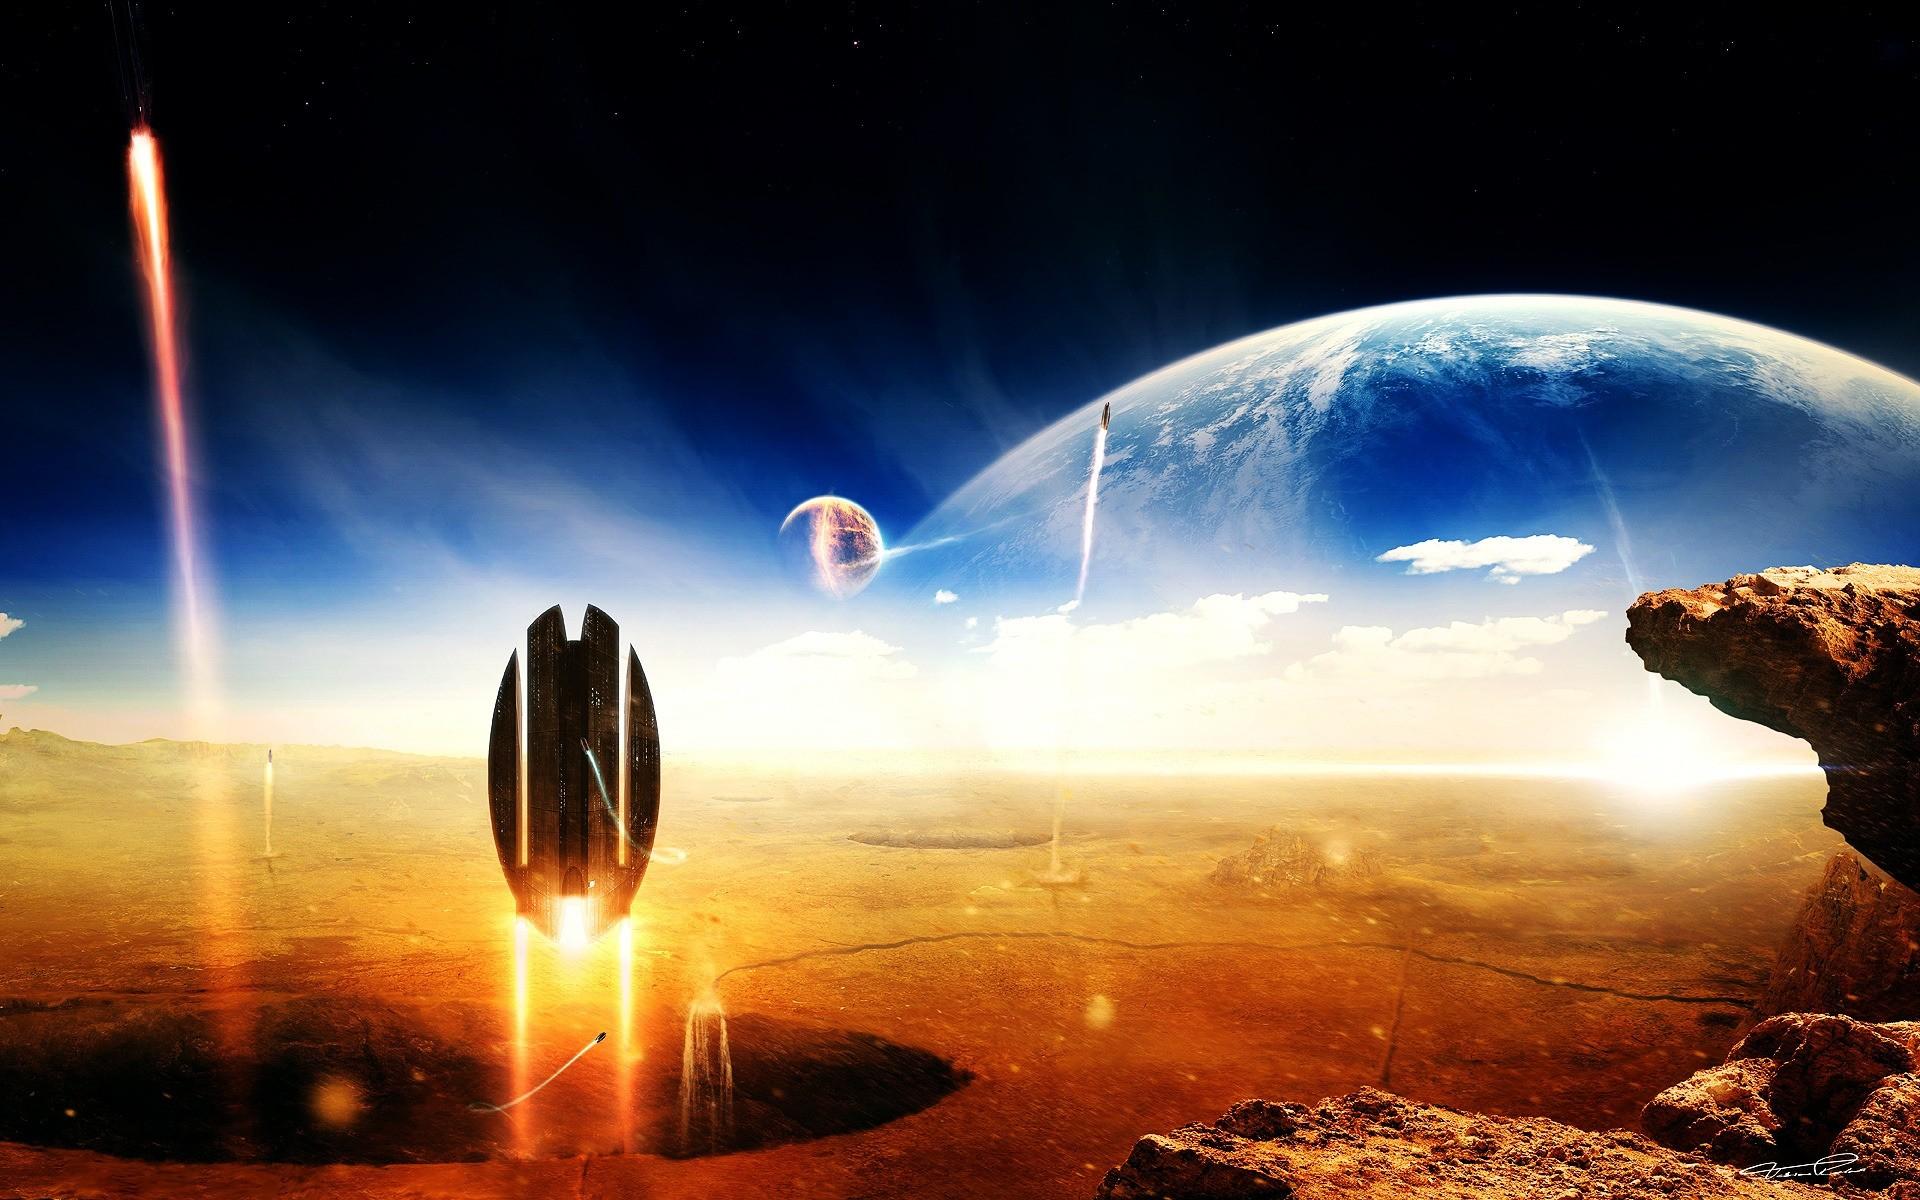 Картинка далеко в космос